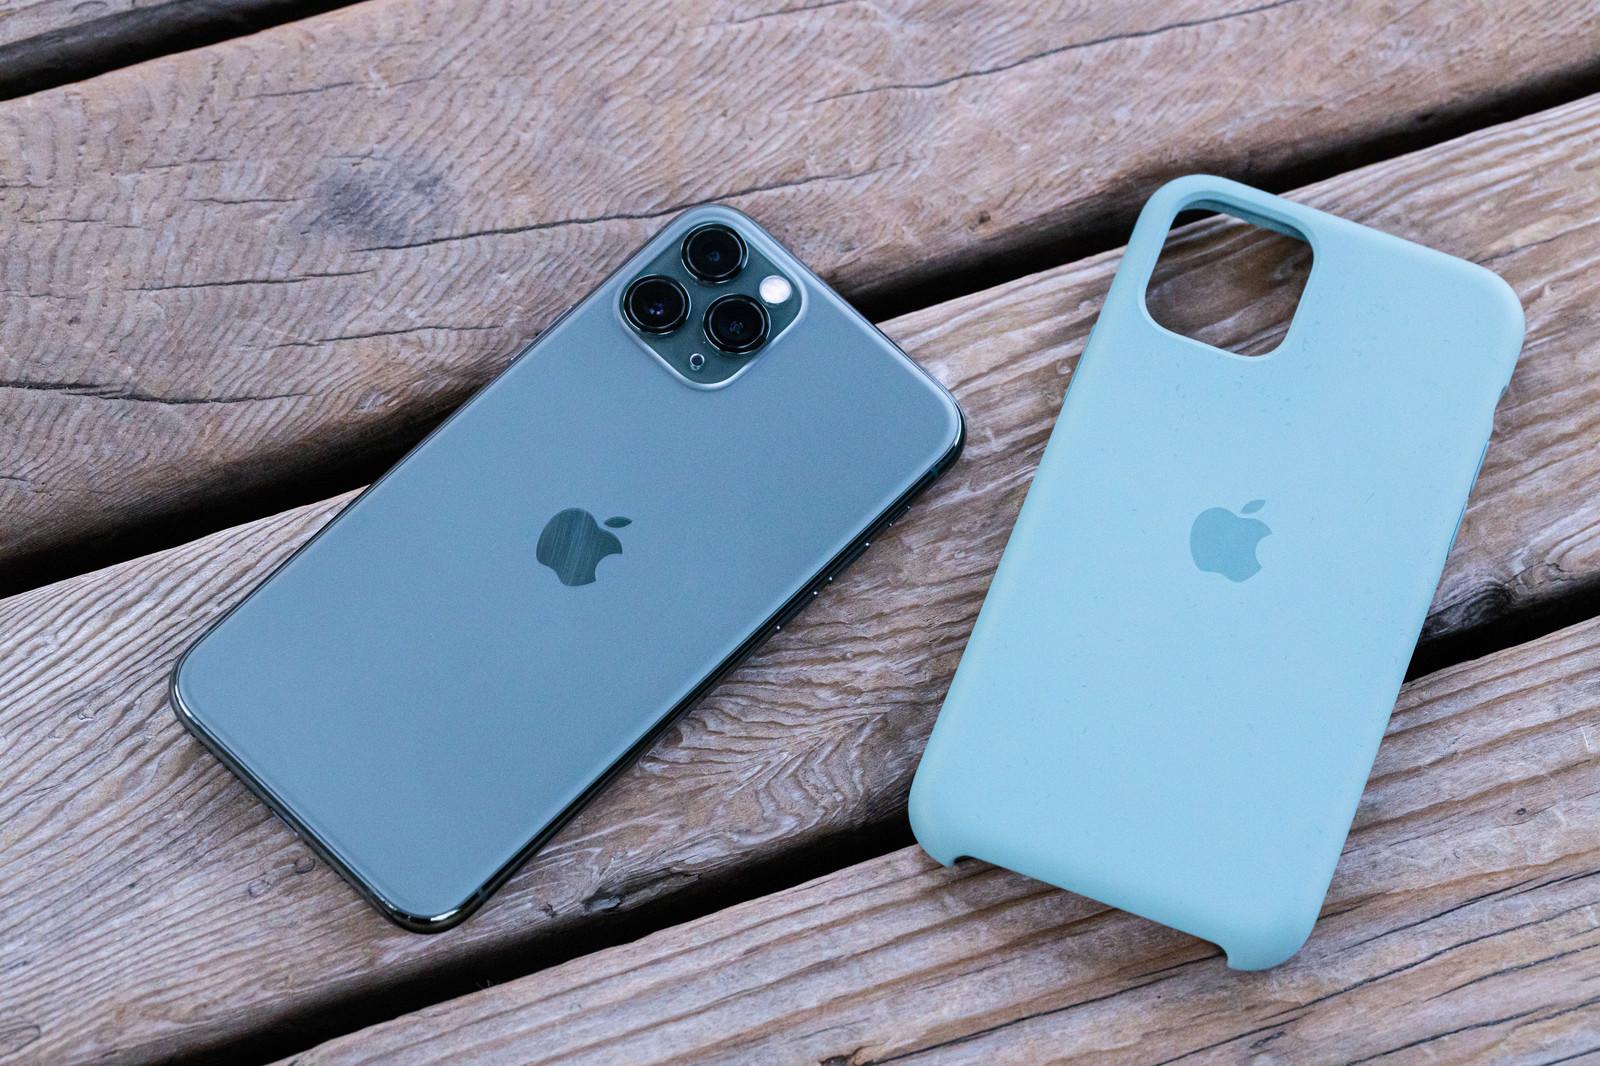 「iPhone 11 Pro と純正シリコンケース」の写真